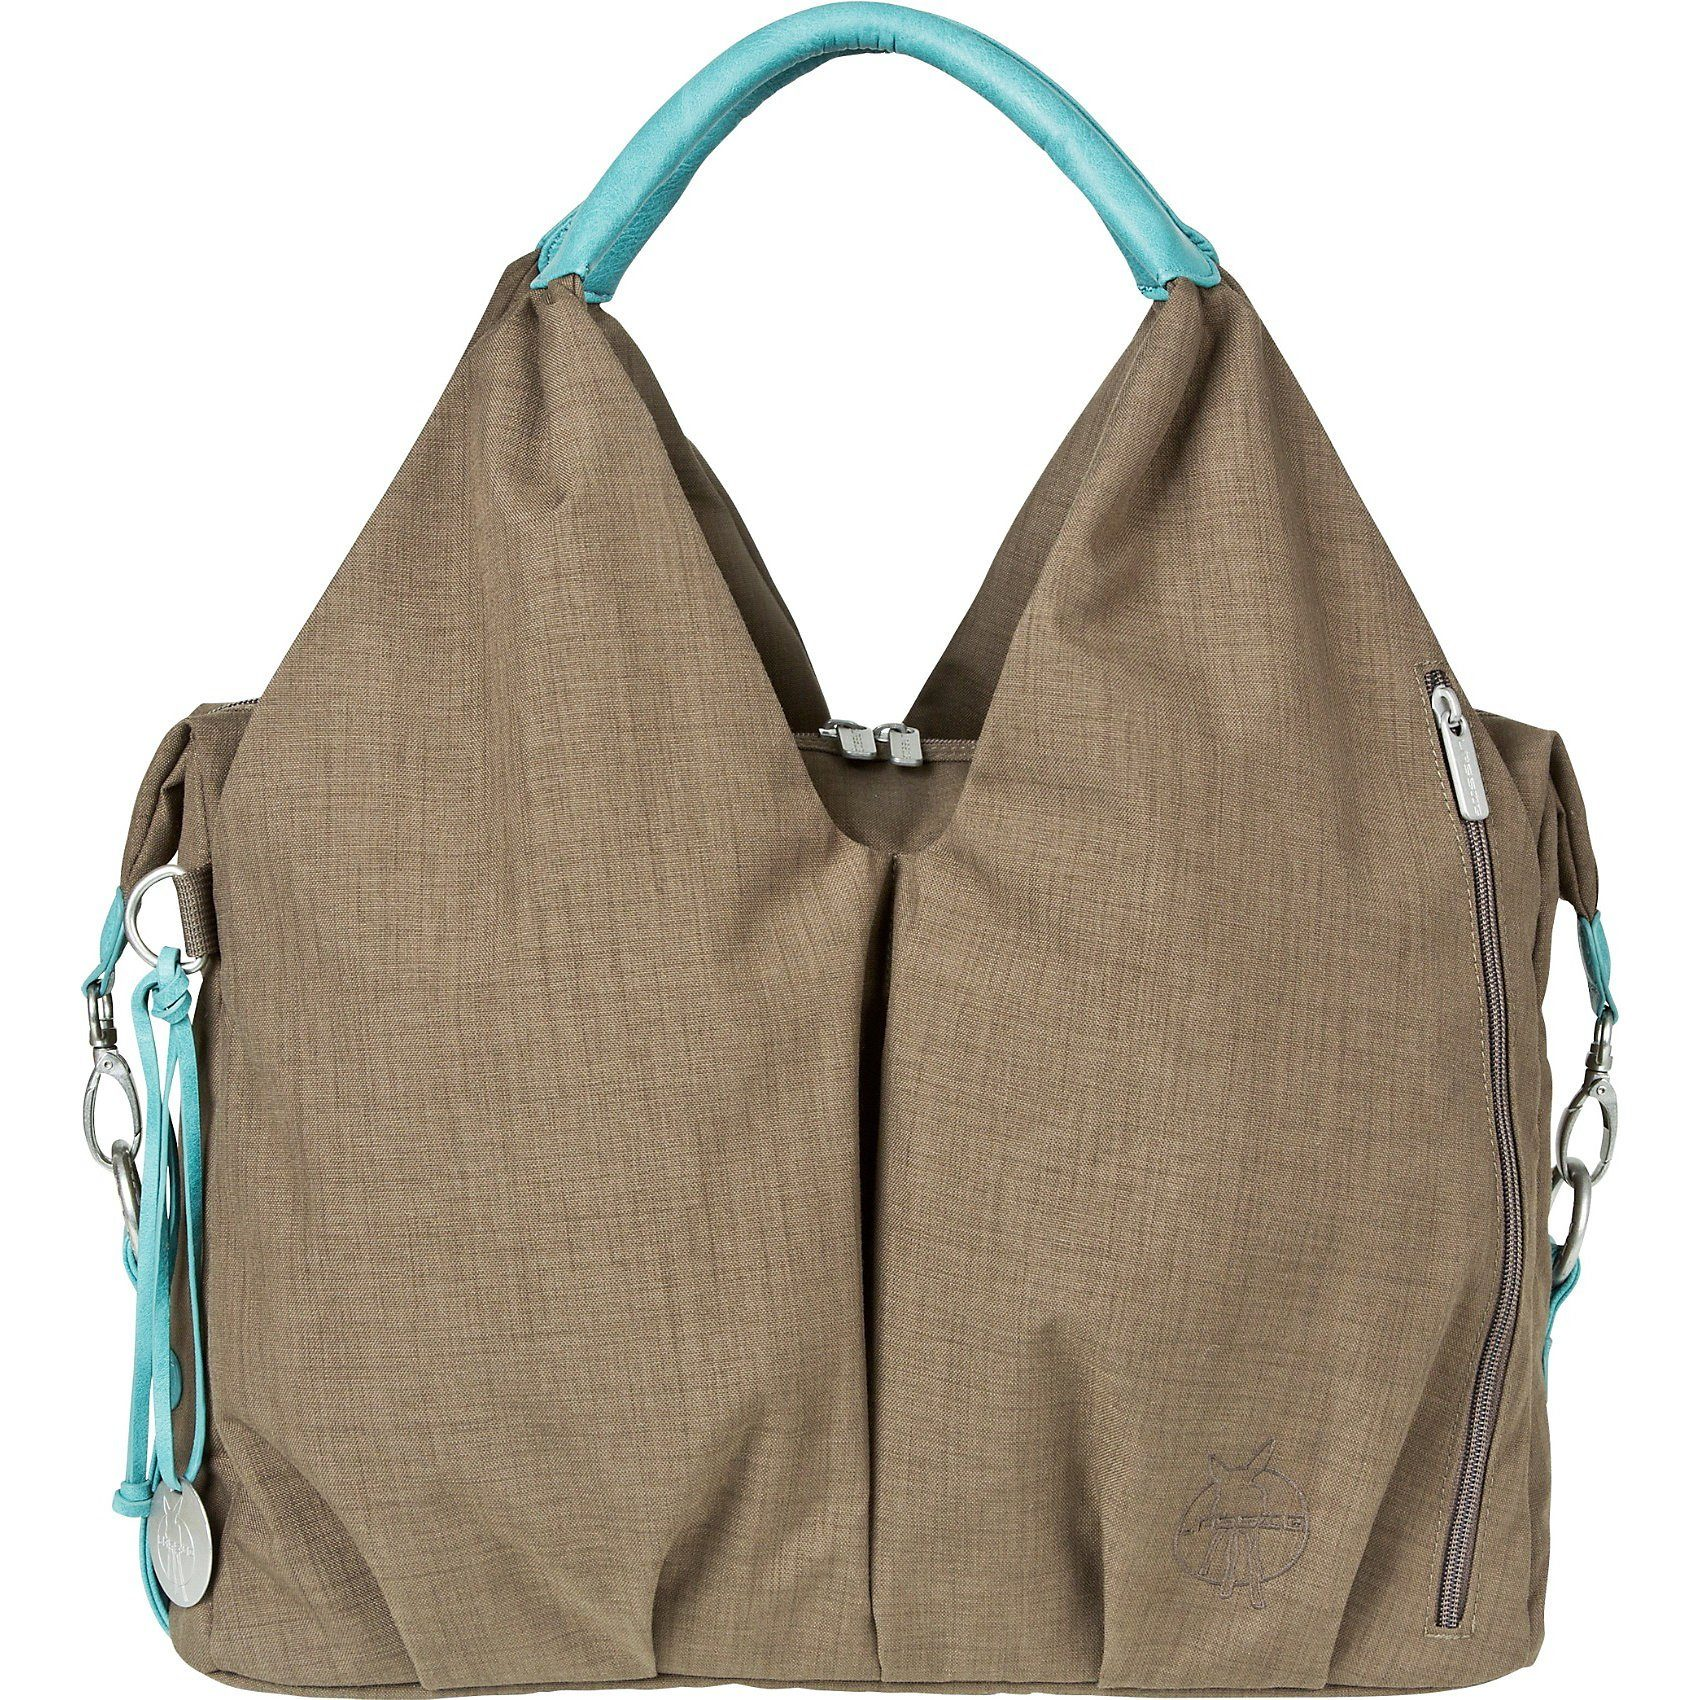 Lässig Wickeltasche Greenlabel, Neckline Bag, taupe